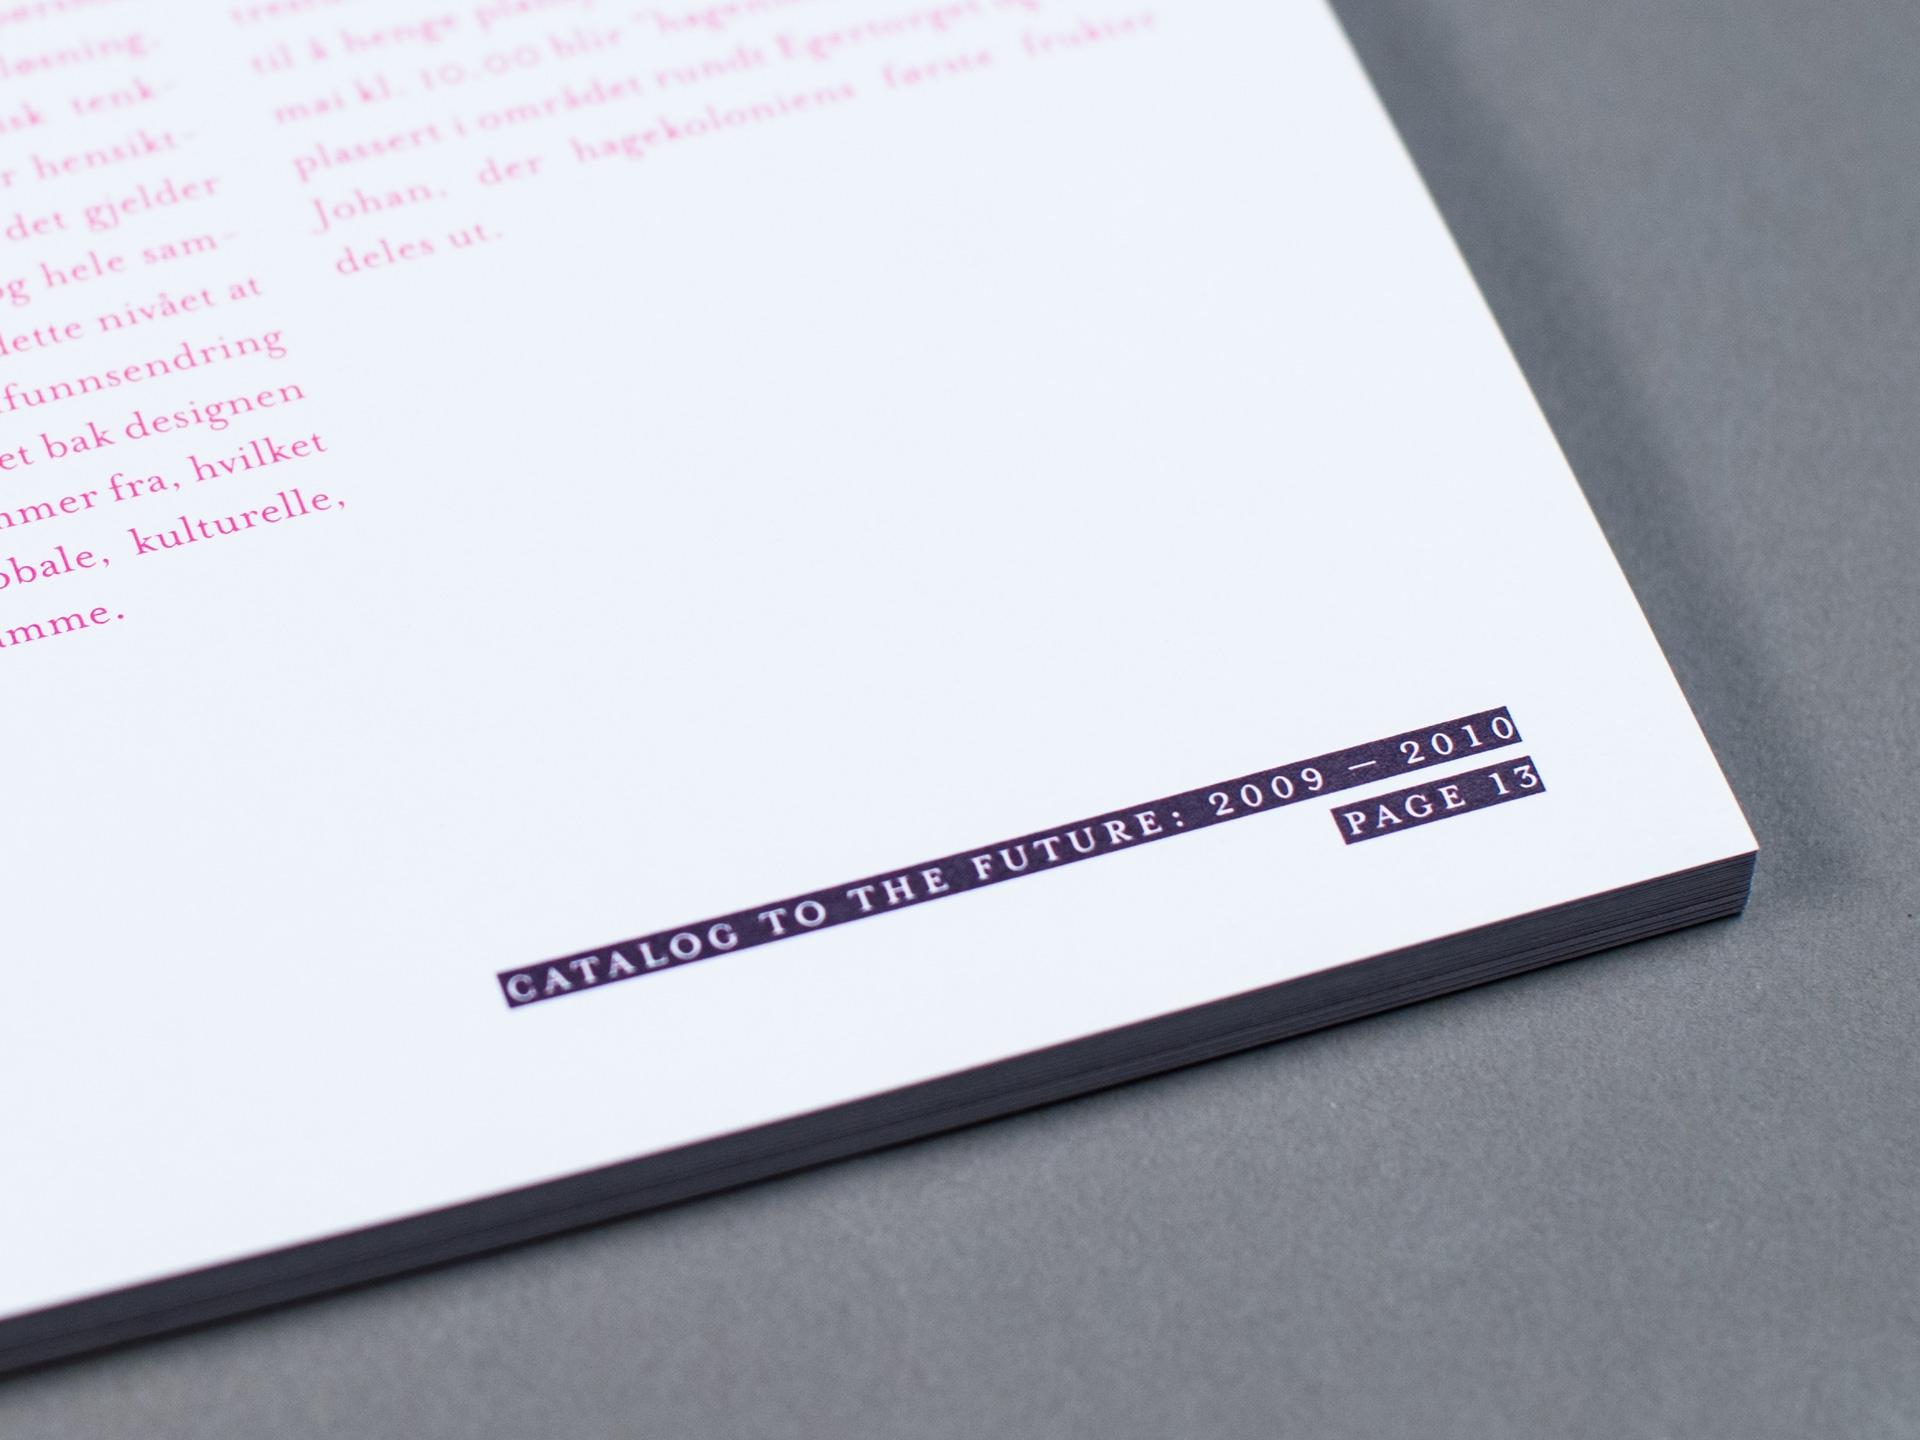 KHiO katalog - tekst detaljer. Bilde.